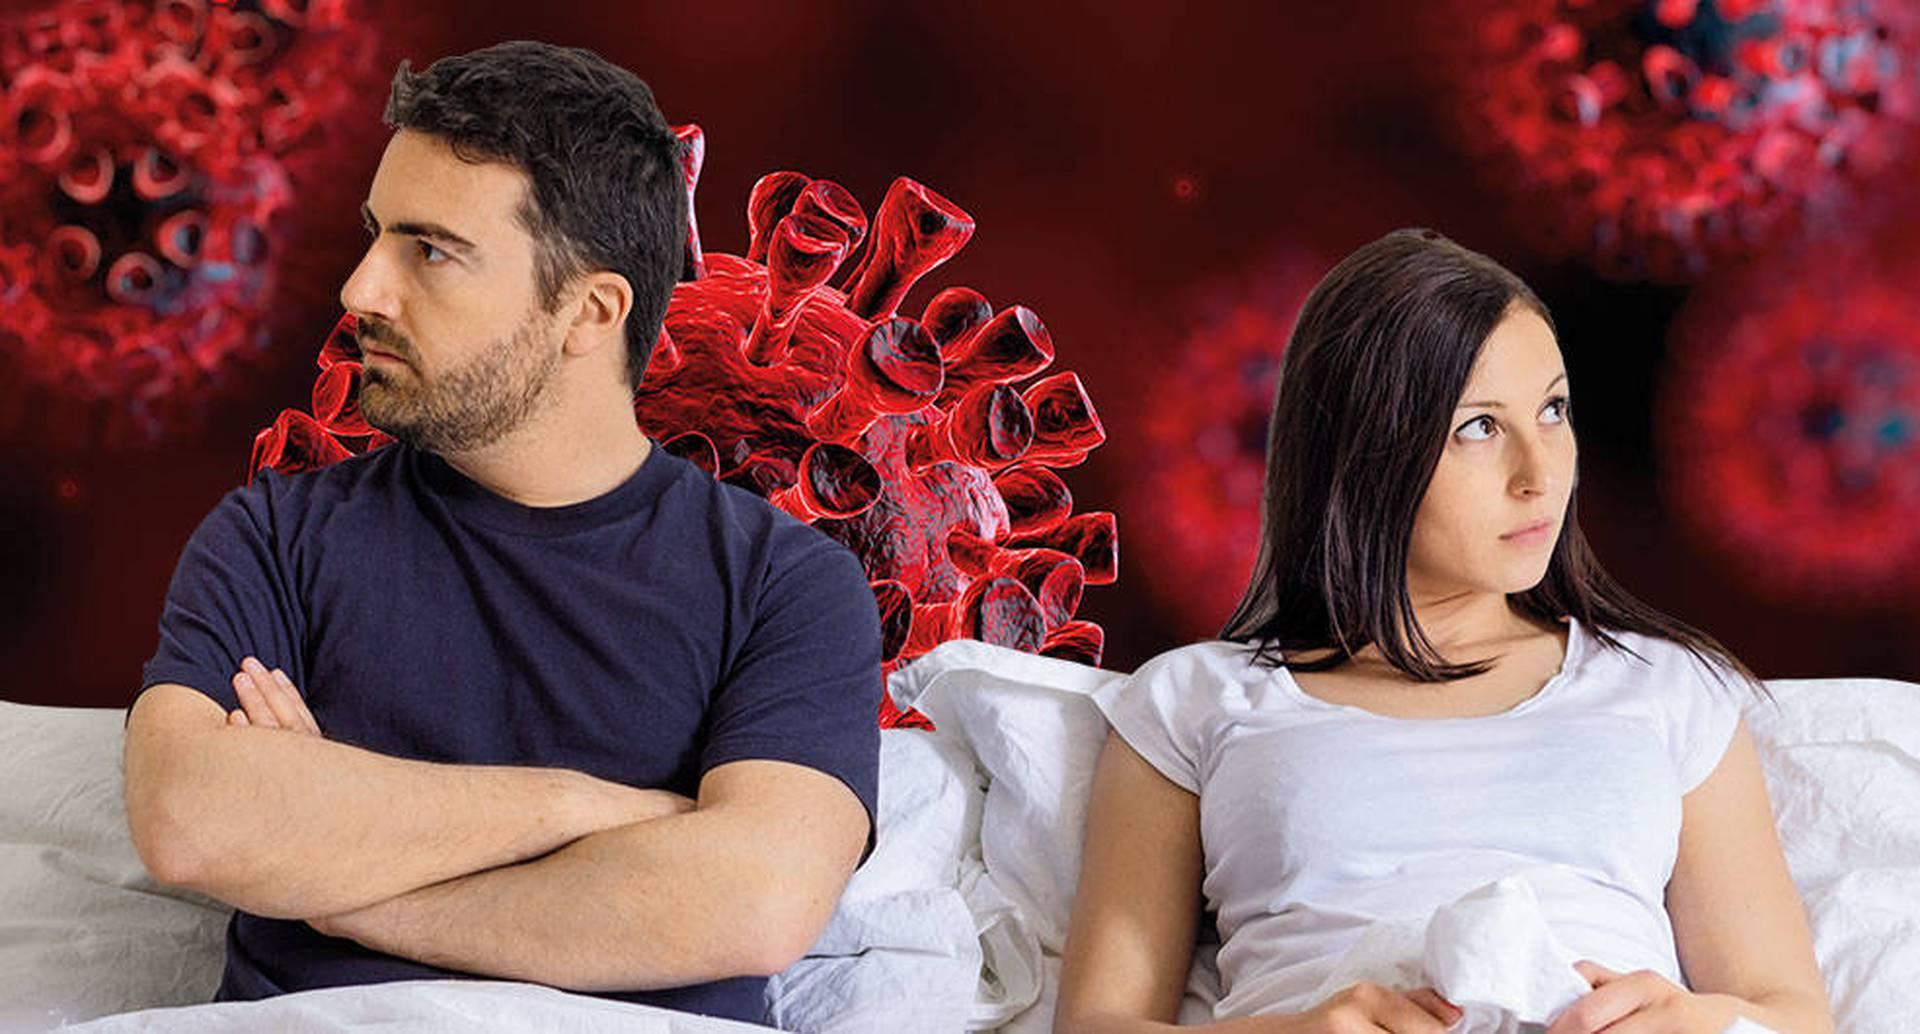 Canadá pide usar tapabocas durante el sexo | Noticias coronavirus hoy.